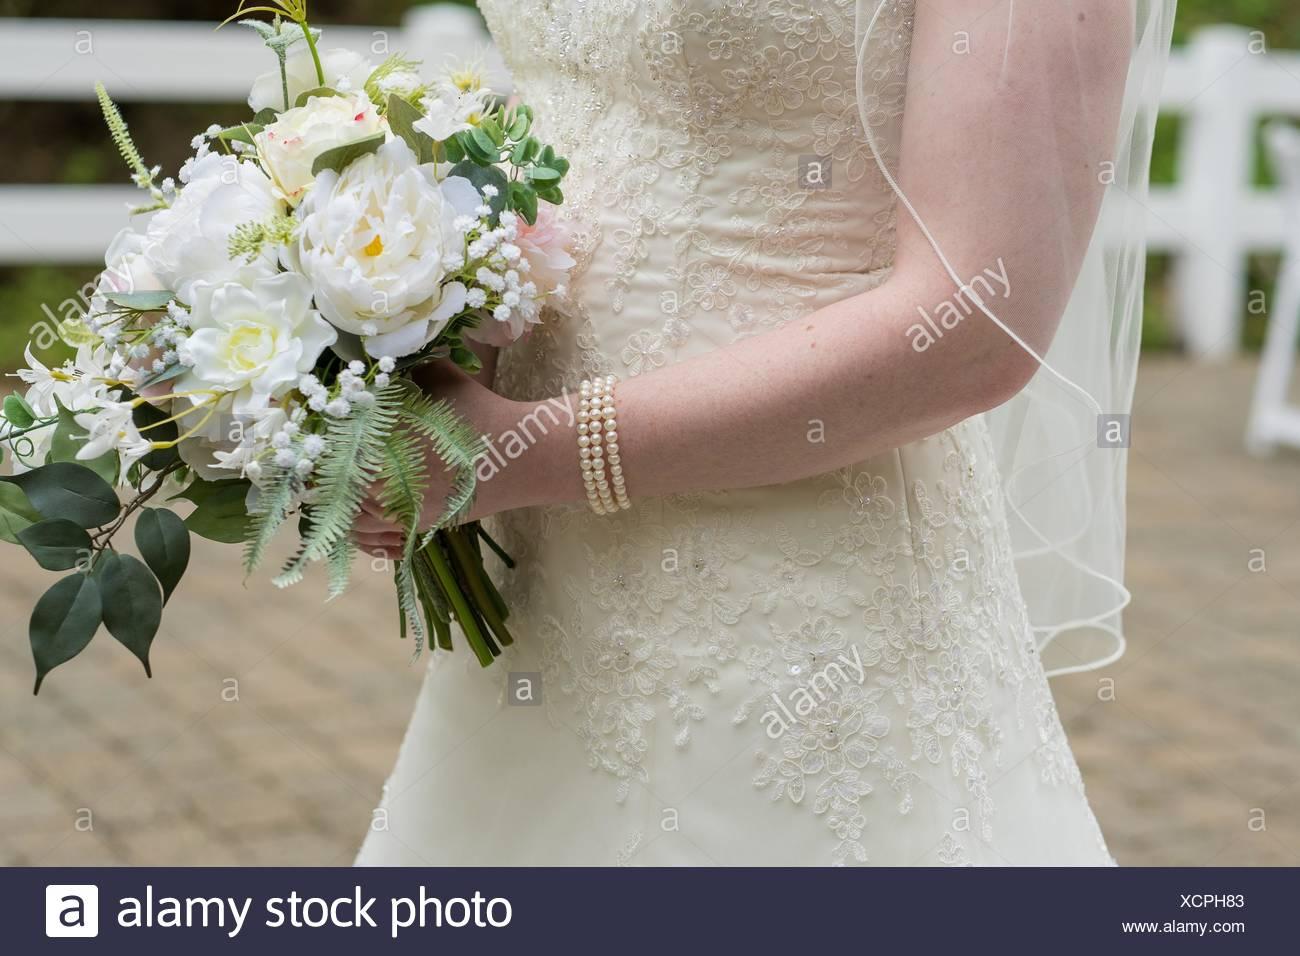 Bouquet Sposa Vero O Finto.Bouquet Nozze Detenute Da Sposa Fatto Di Fiori Finti Ma Sembra